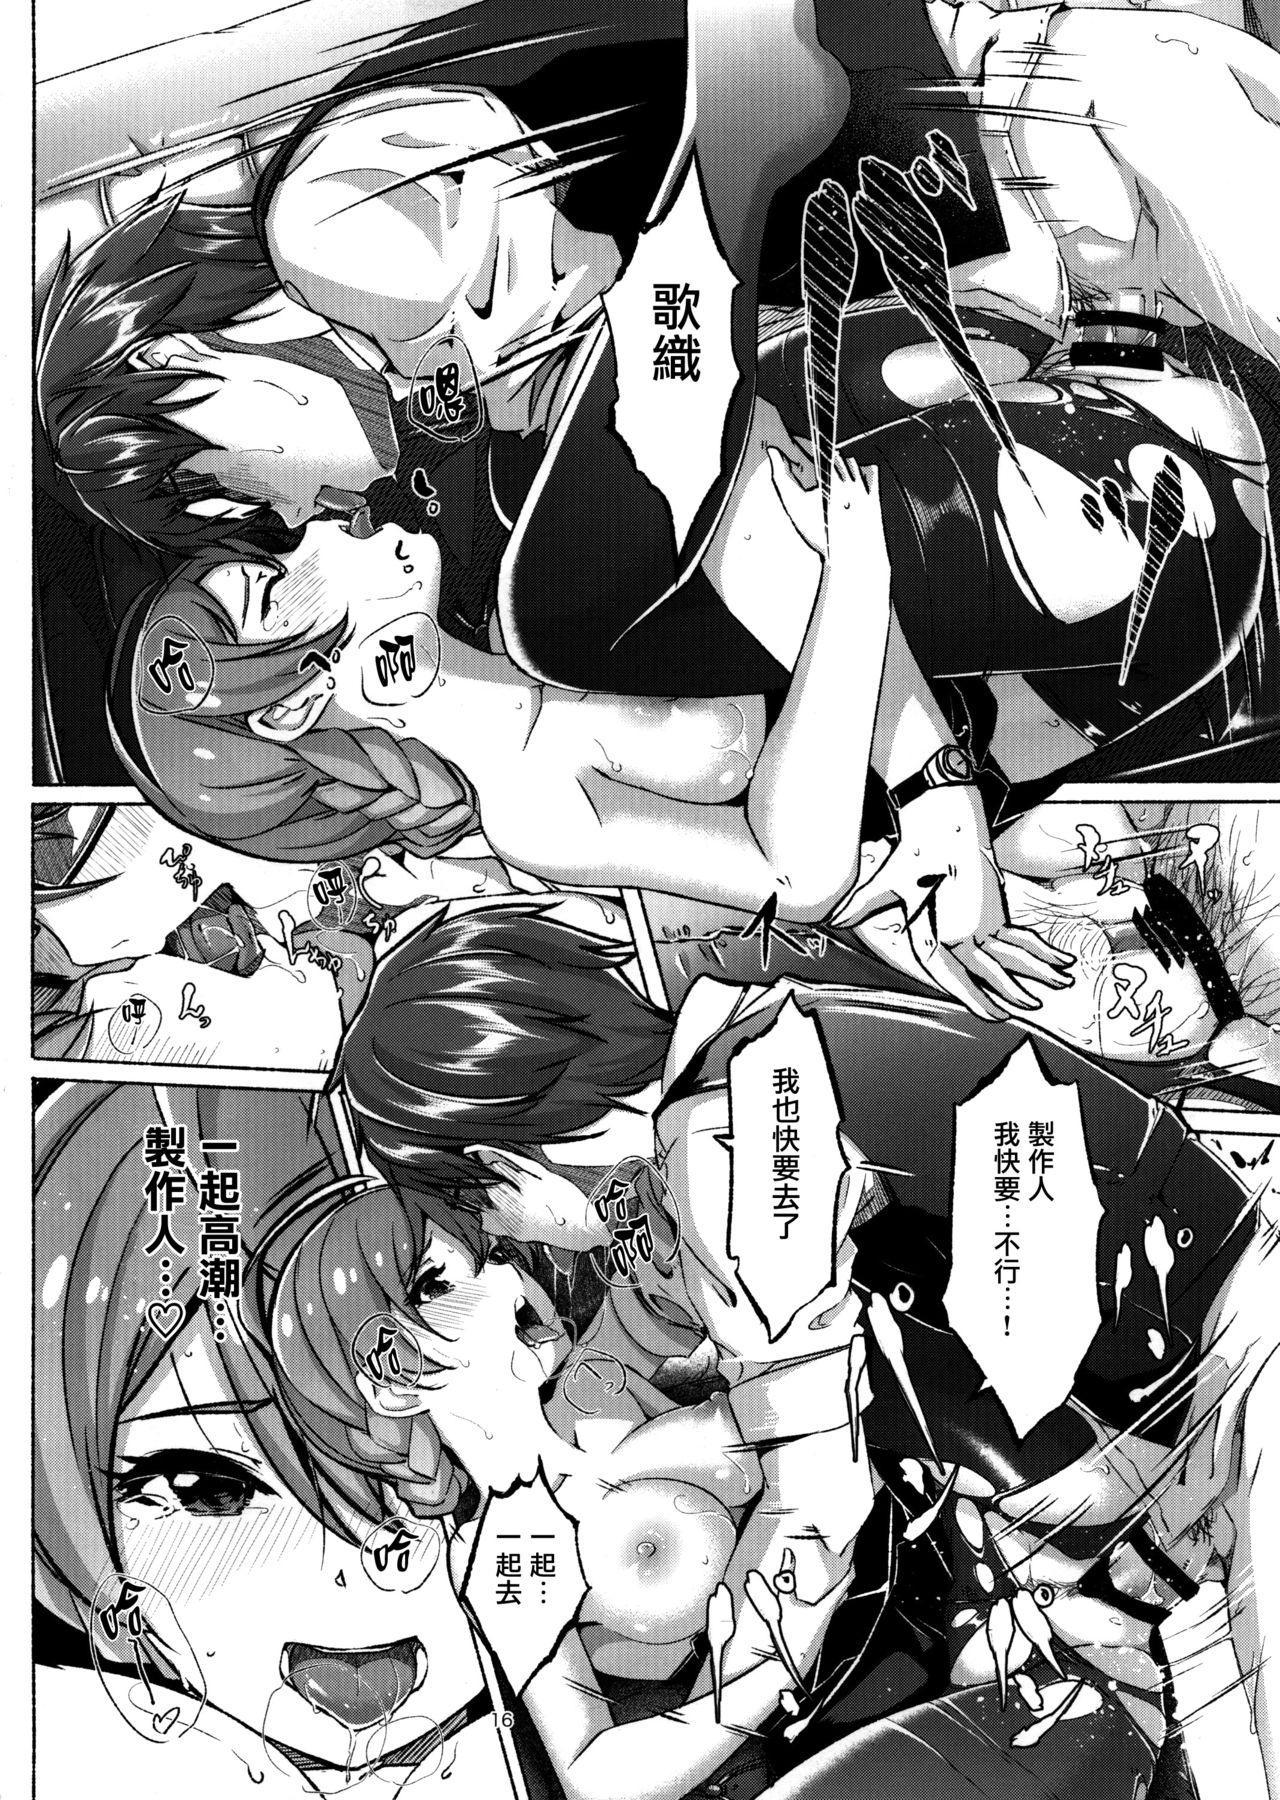 Hachidori no Yuuwaku 16